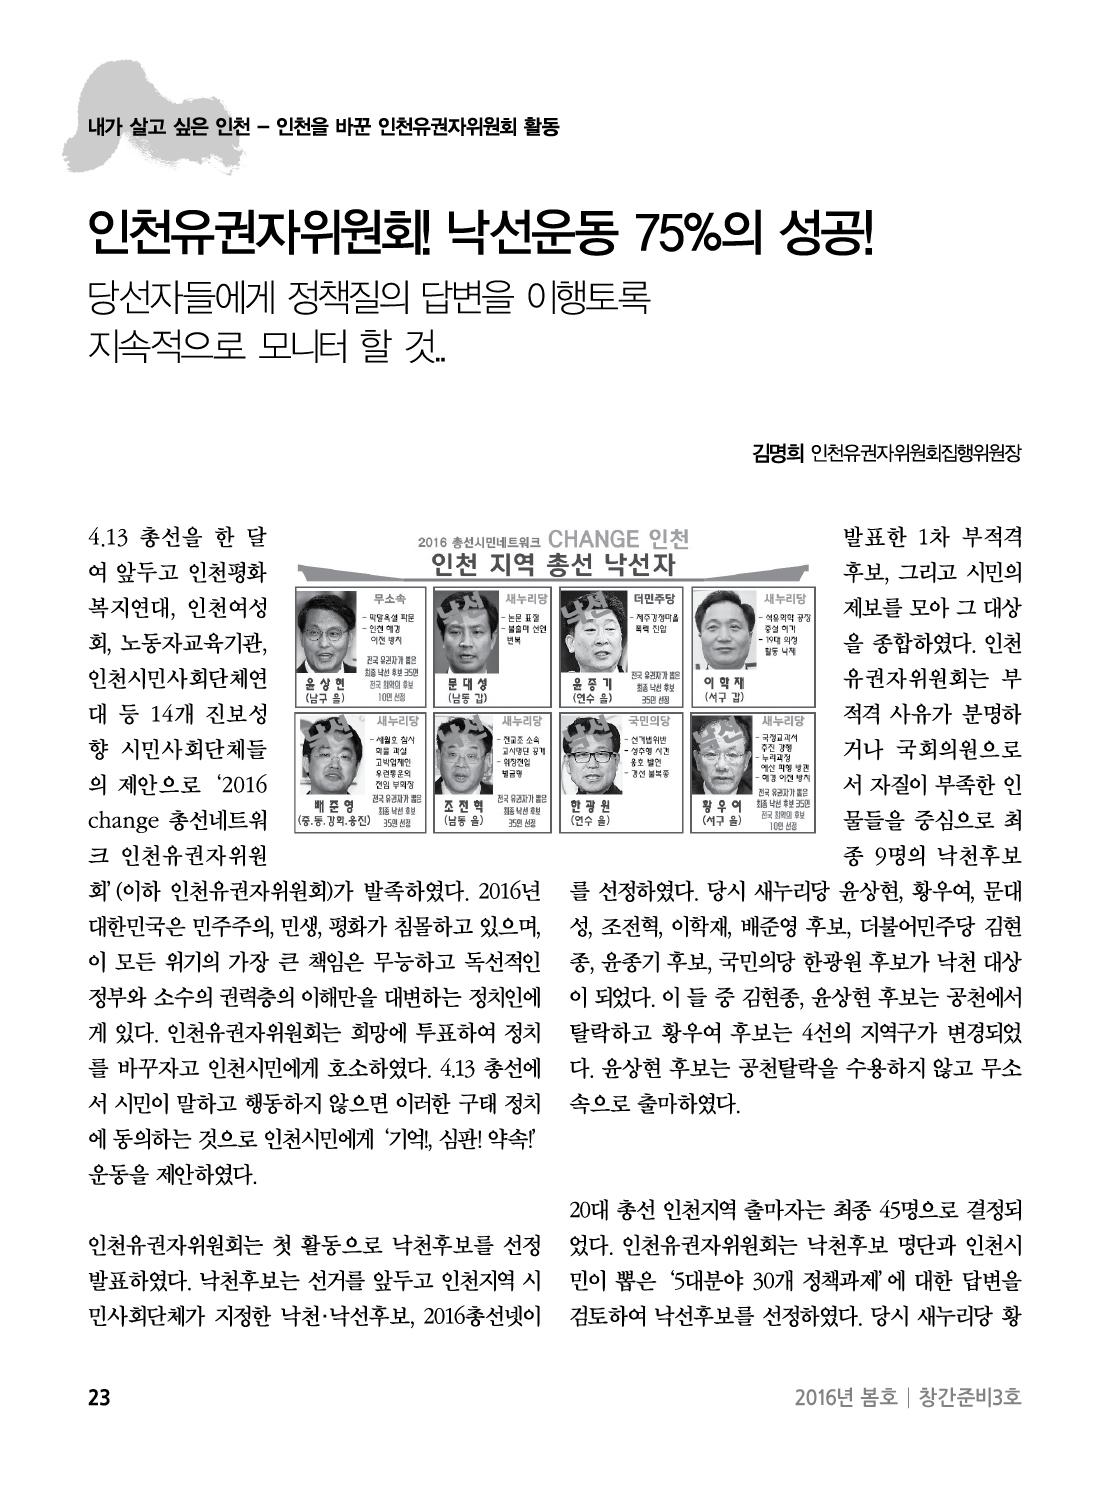 아웃라인 인천평화복지연대 소식지창간준비3호23.jpg